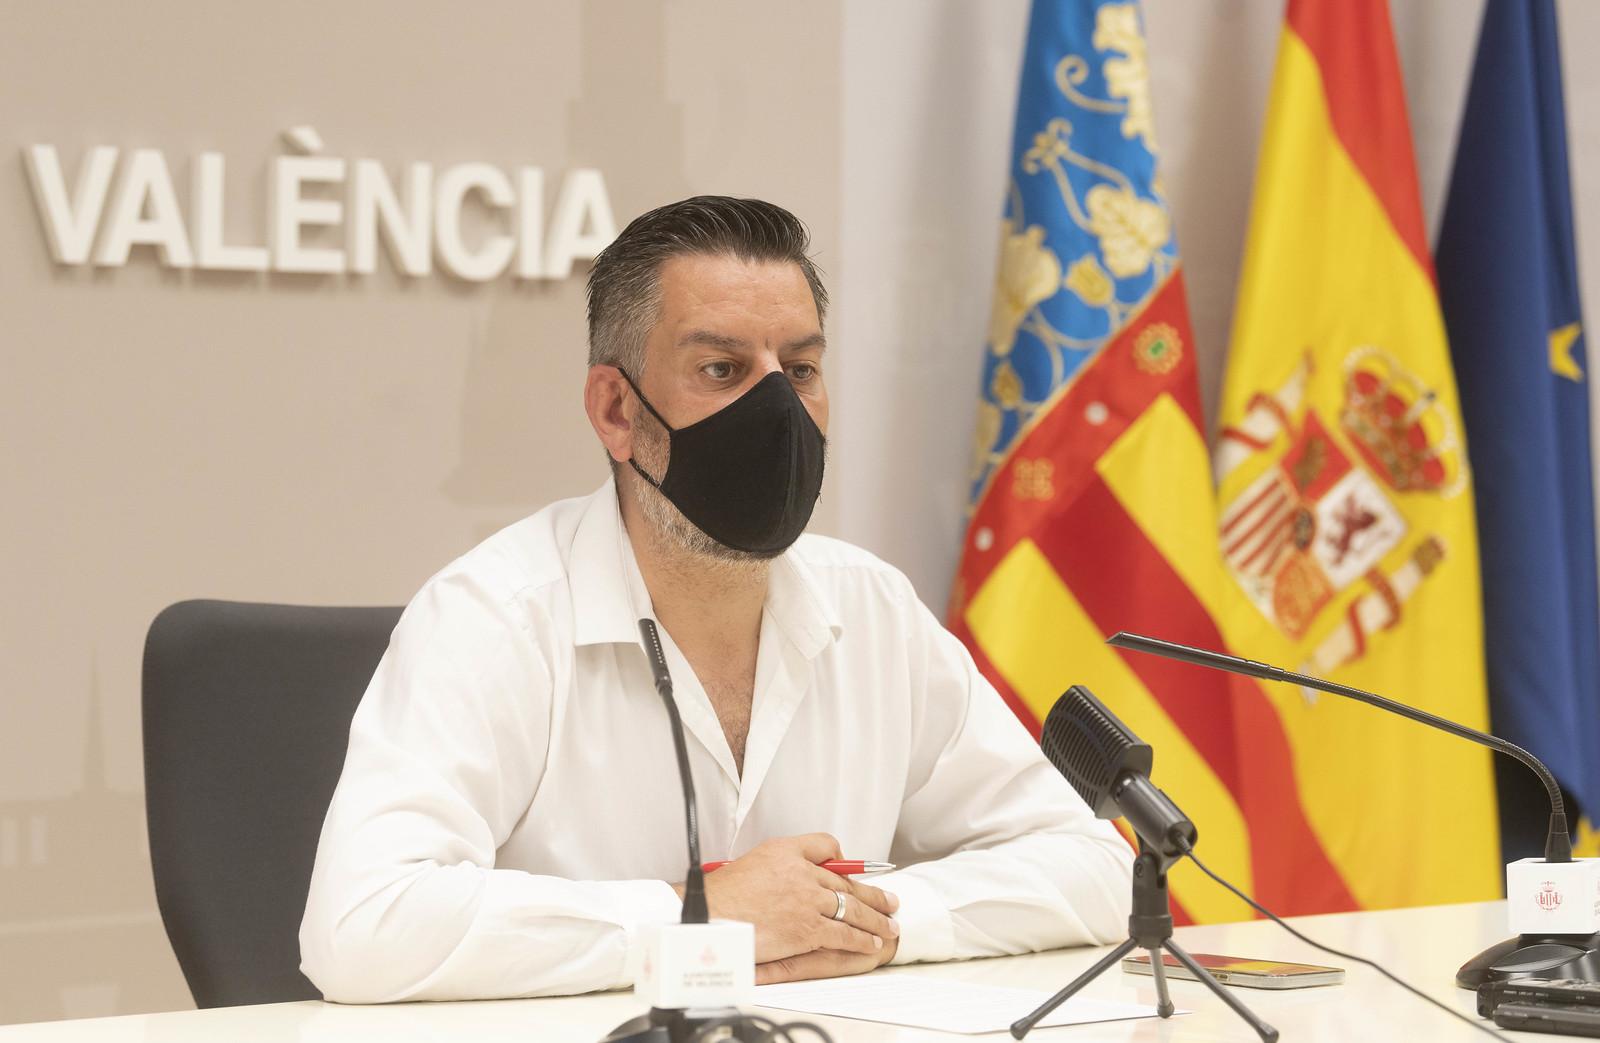 El concejal de Cultura Festiva y presidente de la Junta Central Fallera, Carlos Galiana